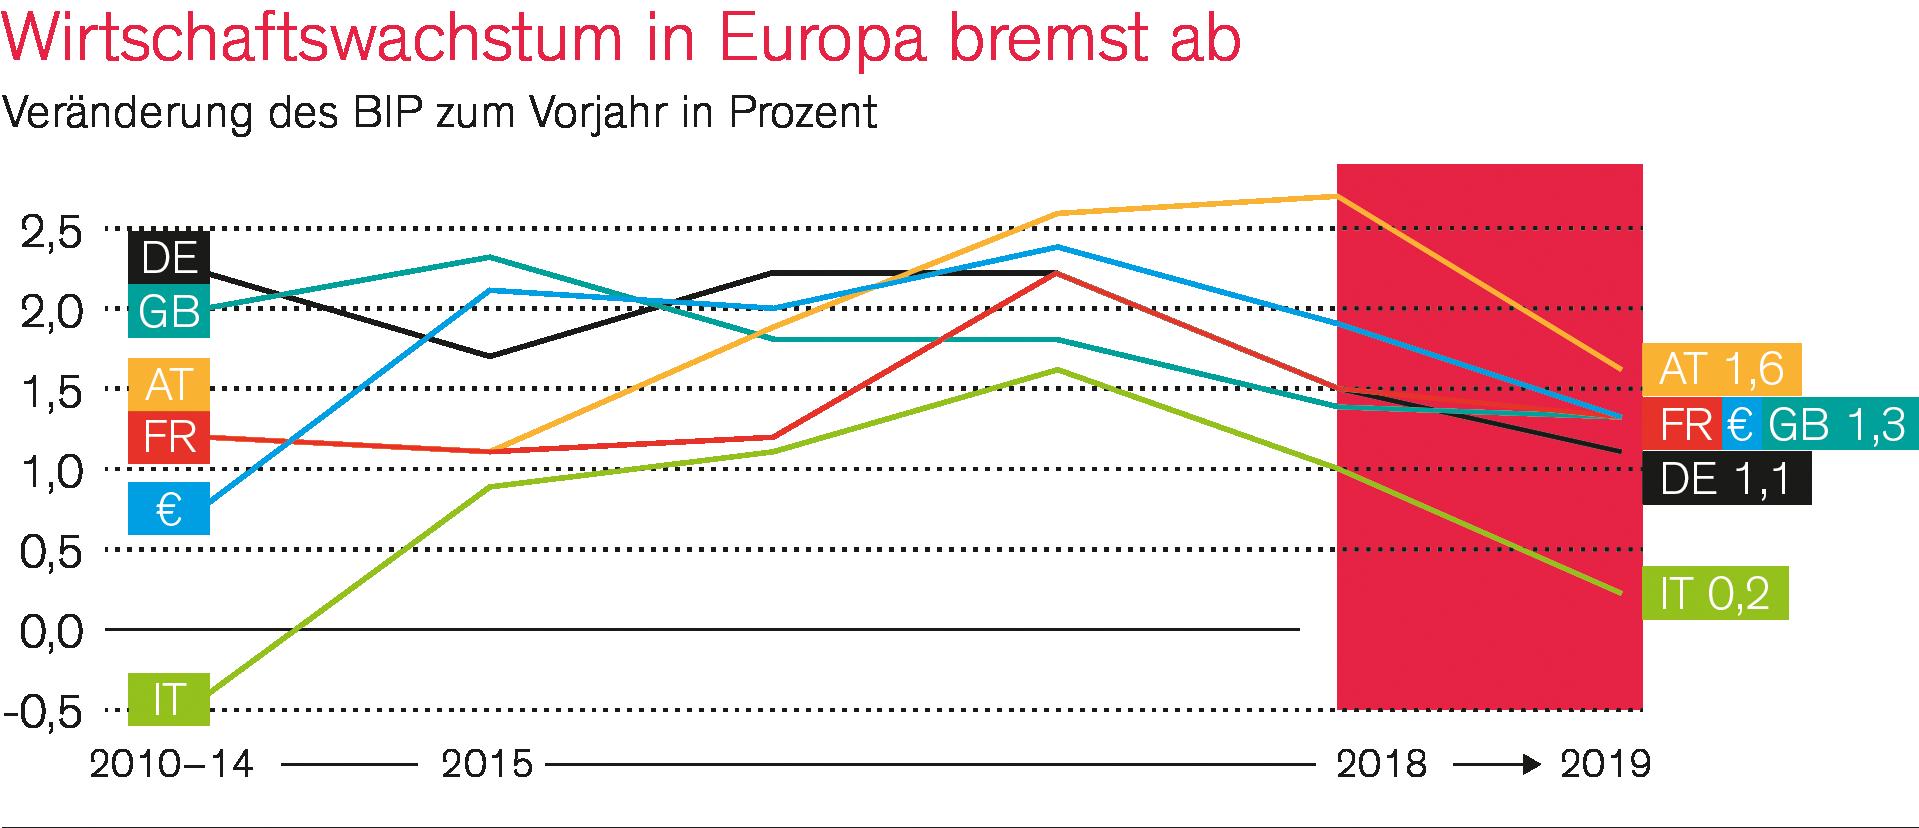 SHS-Unternehmensberatung_Wirtschaftswachstum-bremst-ab_1920